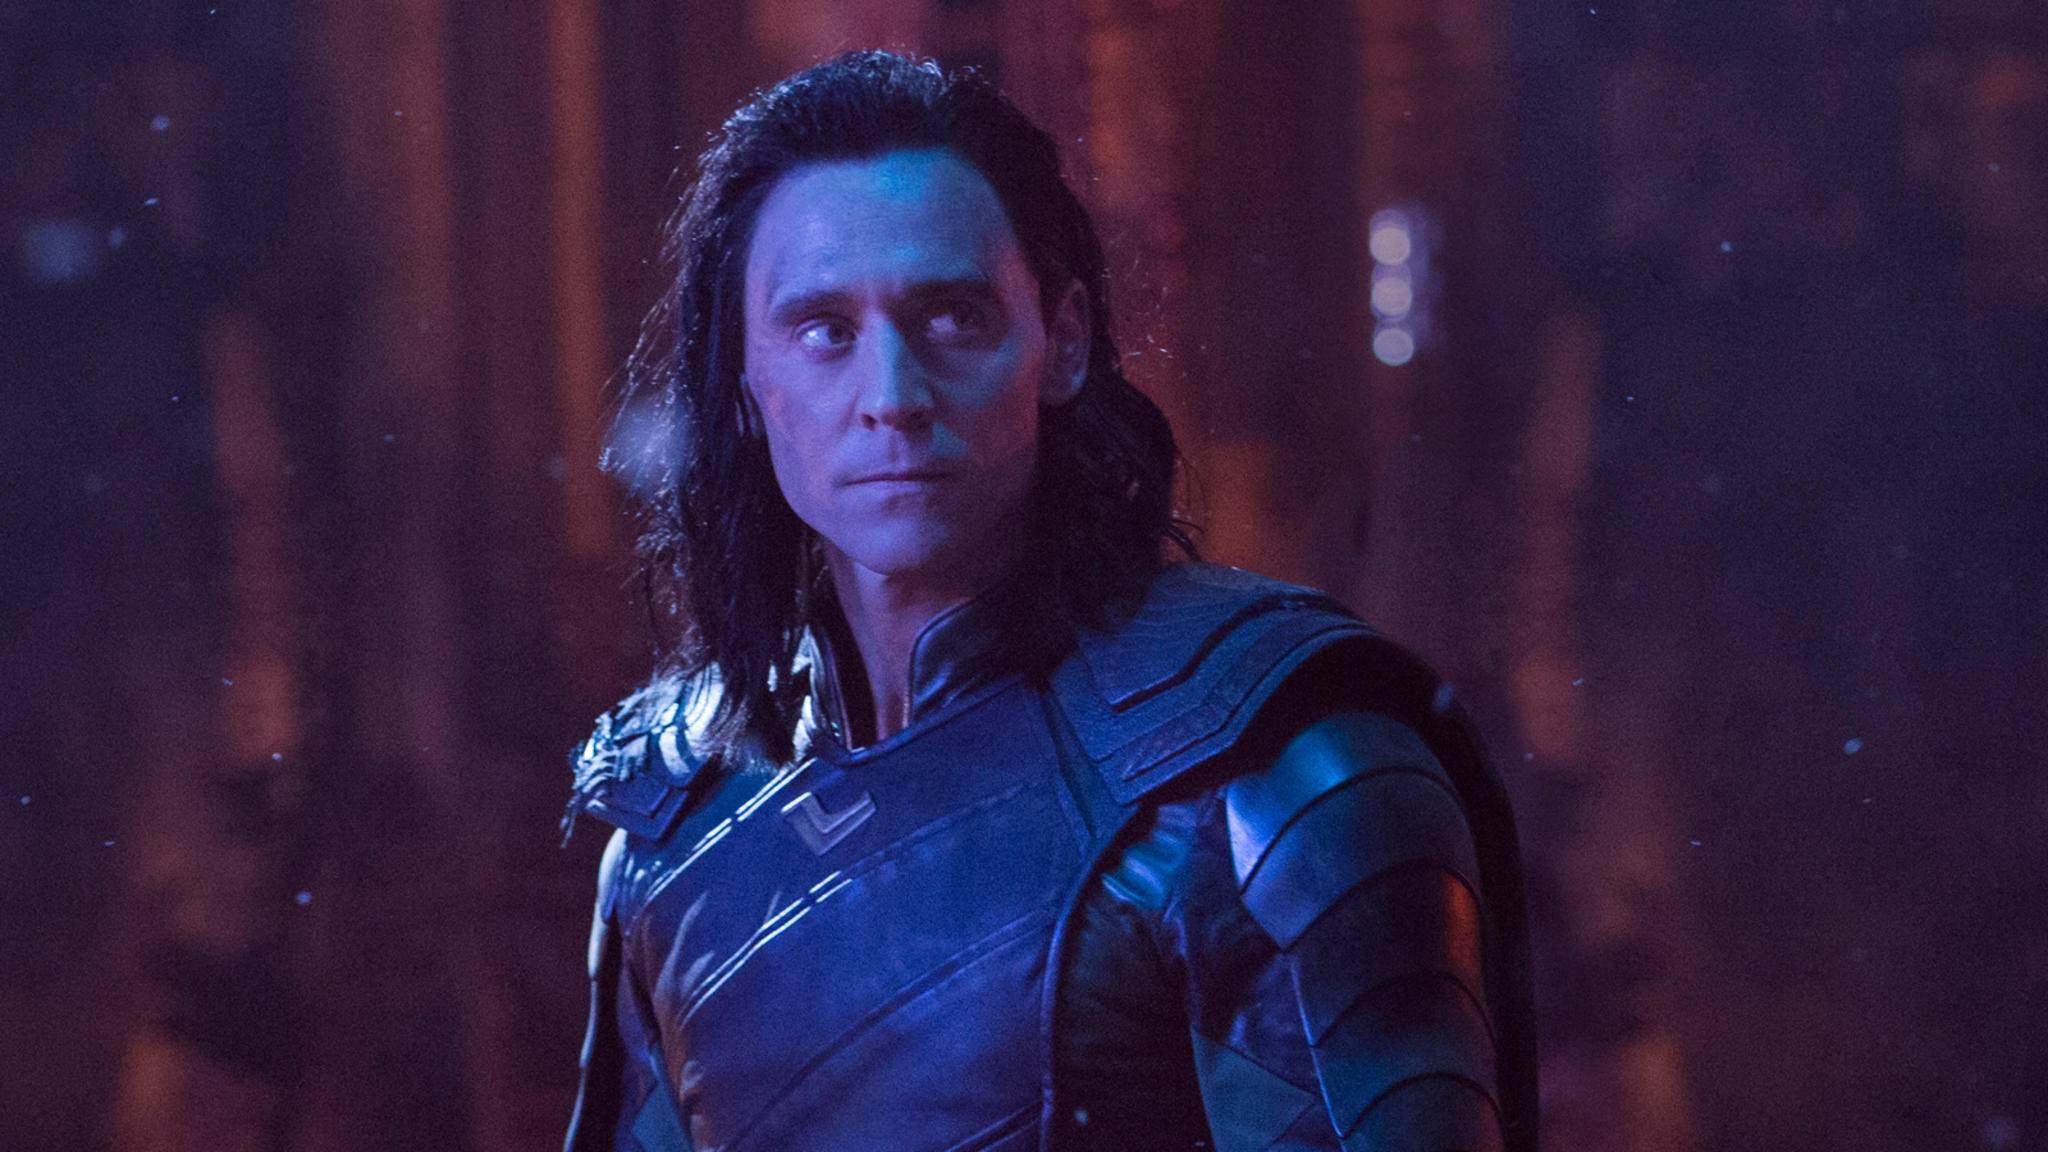 Ein anderer Schauspieler als Loki und Tom Hiddleston als Thor? Eine ziemlich düstere Vorstellung für alle Marvel-Fans ...